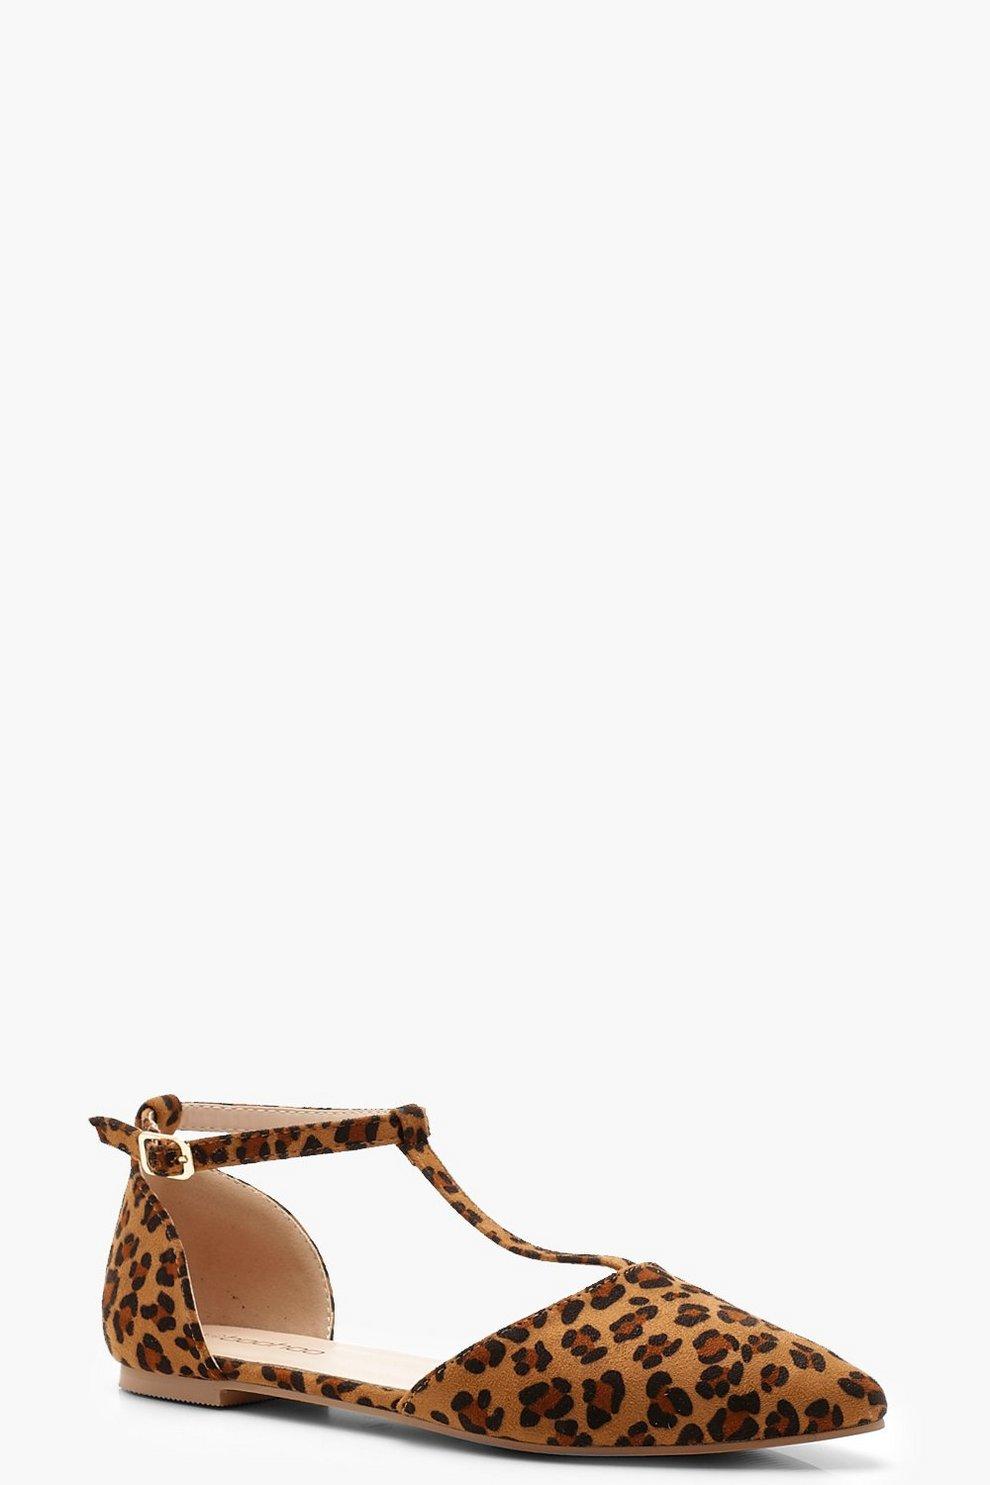 designer fashion 781d8 b10ad Spitz zulaufende, flache Schuhe mit T-Steg in Leoparden-Print